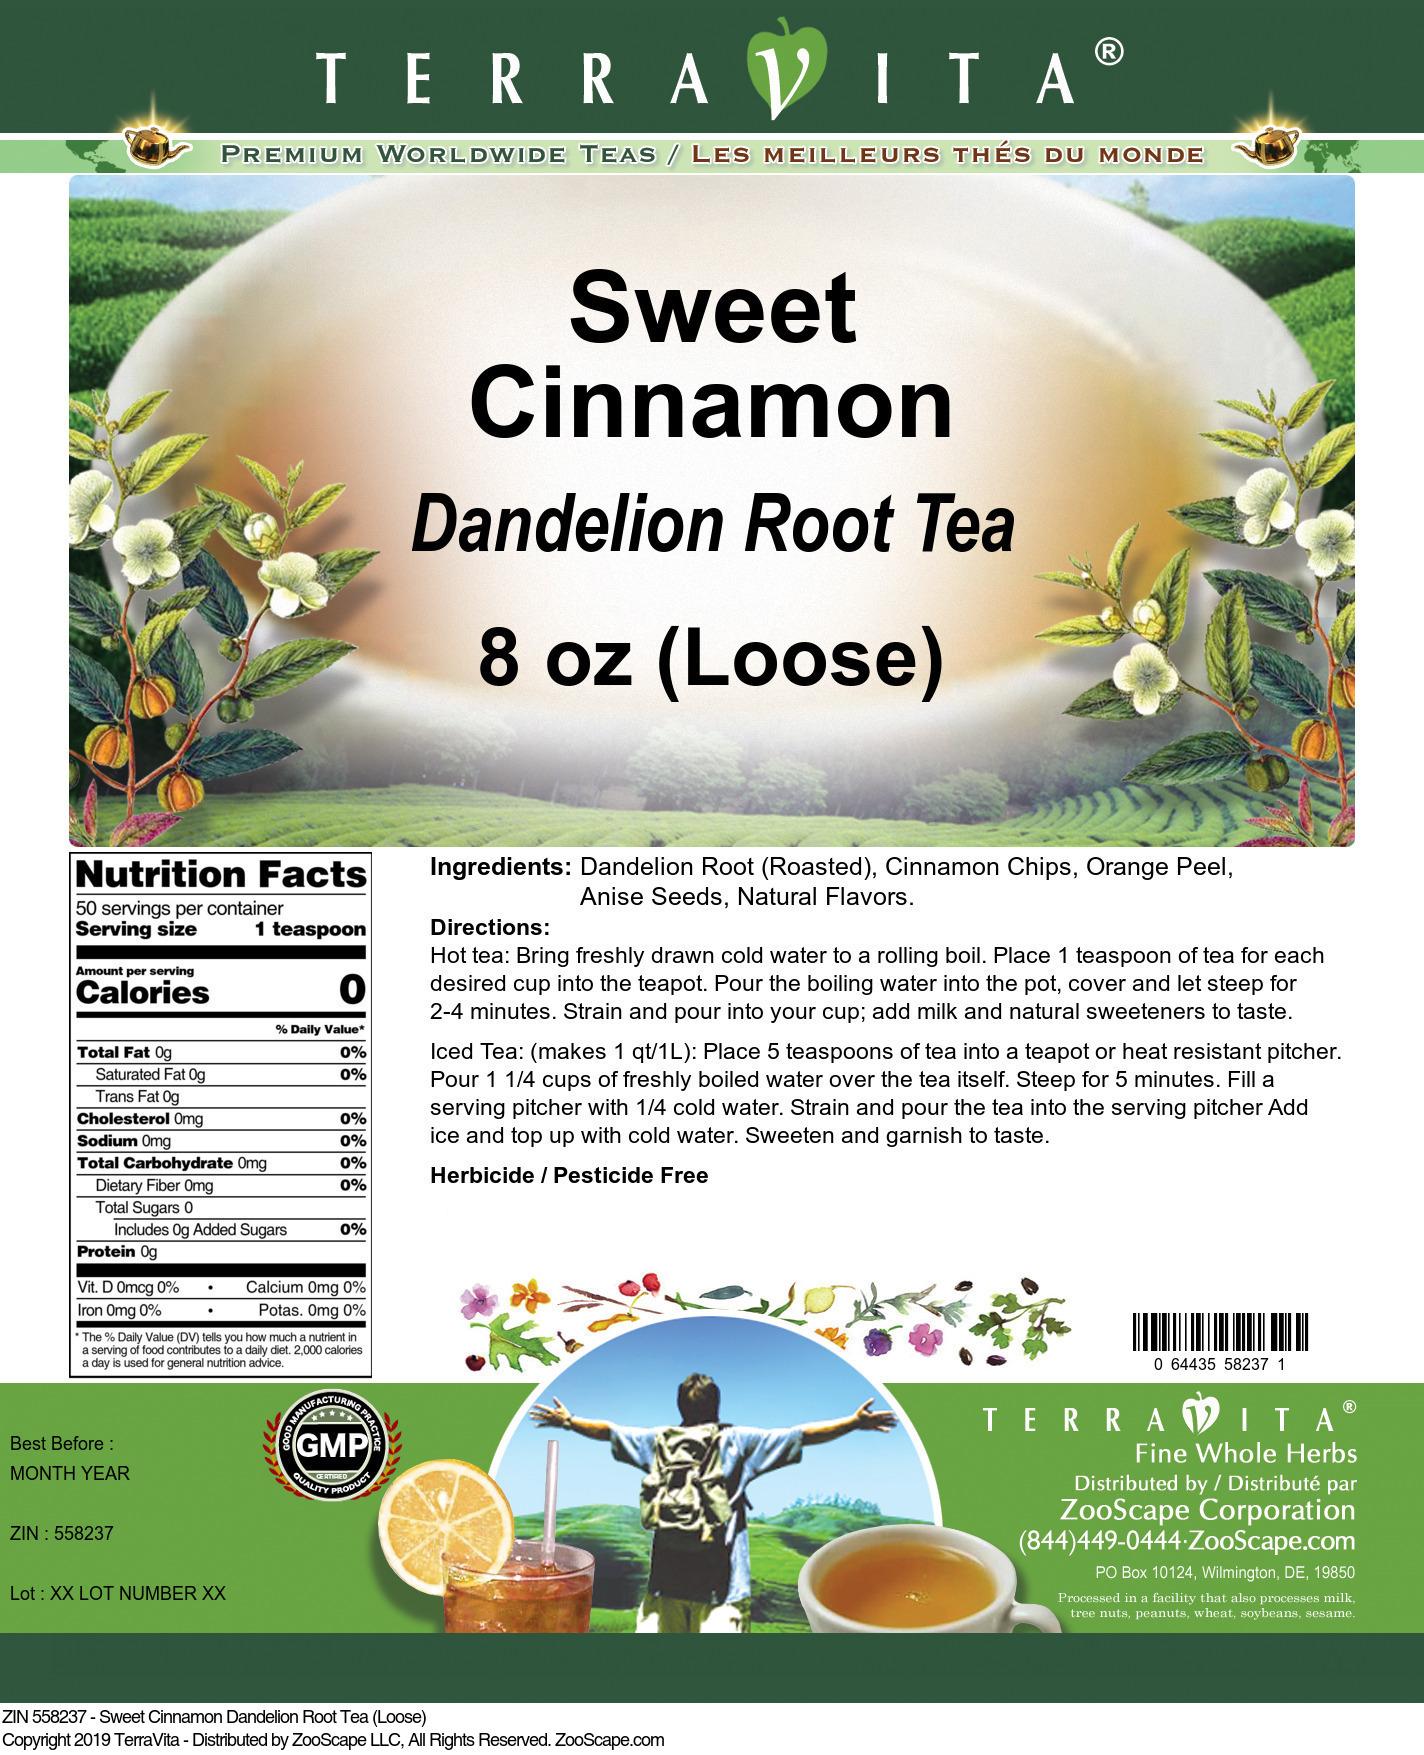 Sweet Cinnamon Dandelion Root